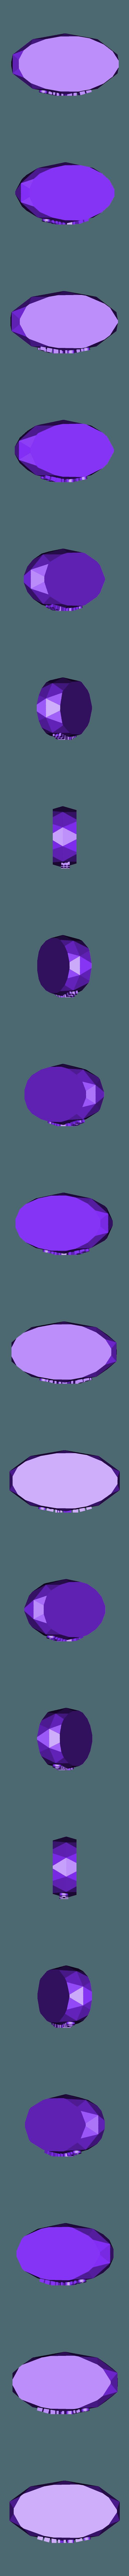 chumleebase.stl Télécharger fichier STL gratuit Chumlee • Modèle à imprimer en 3D, Aslan3d